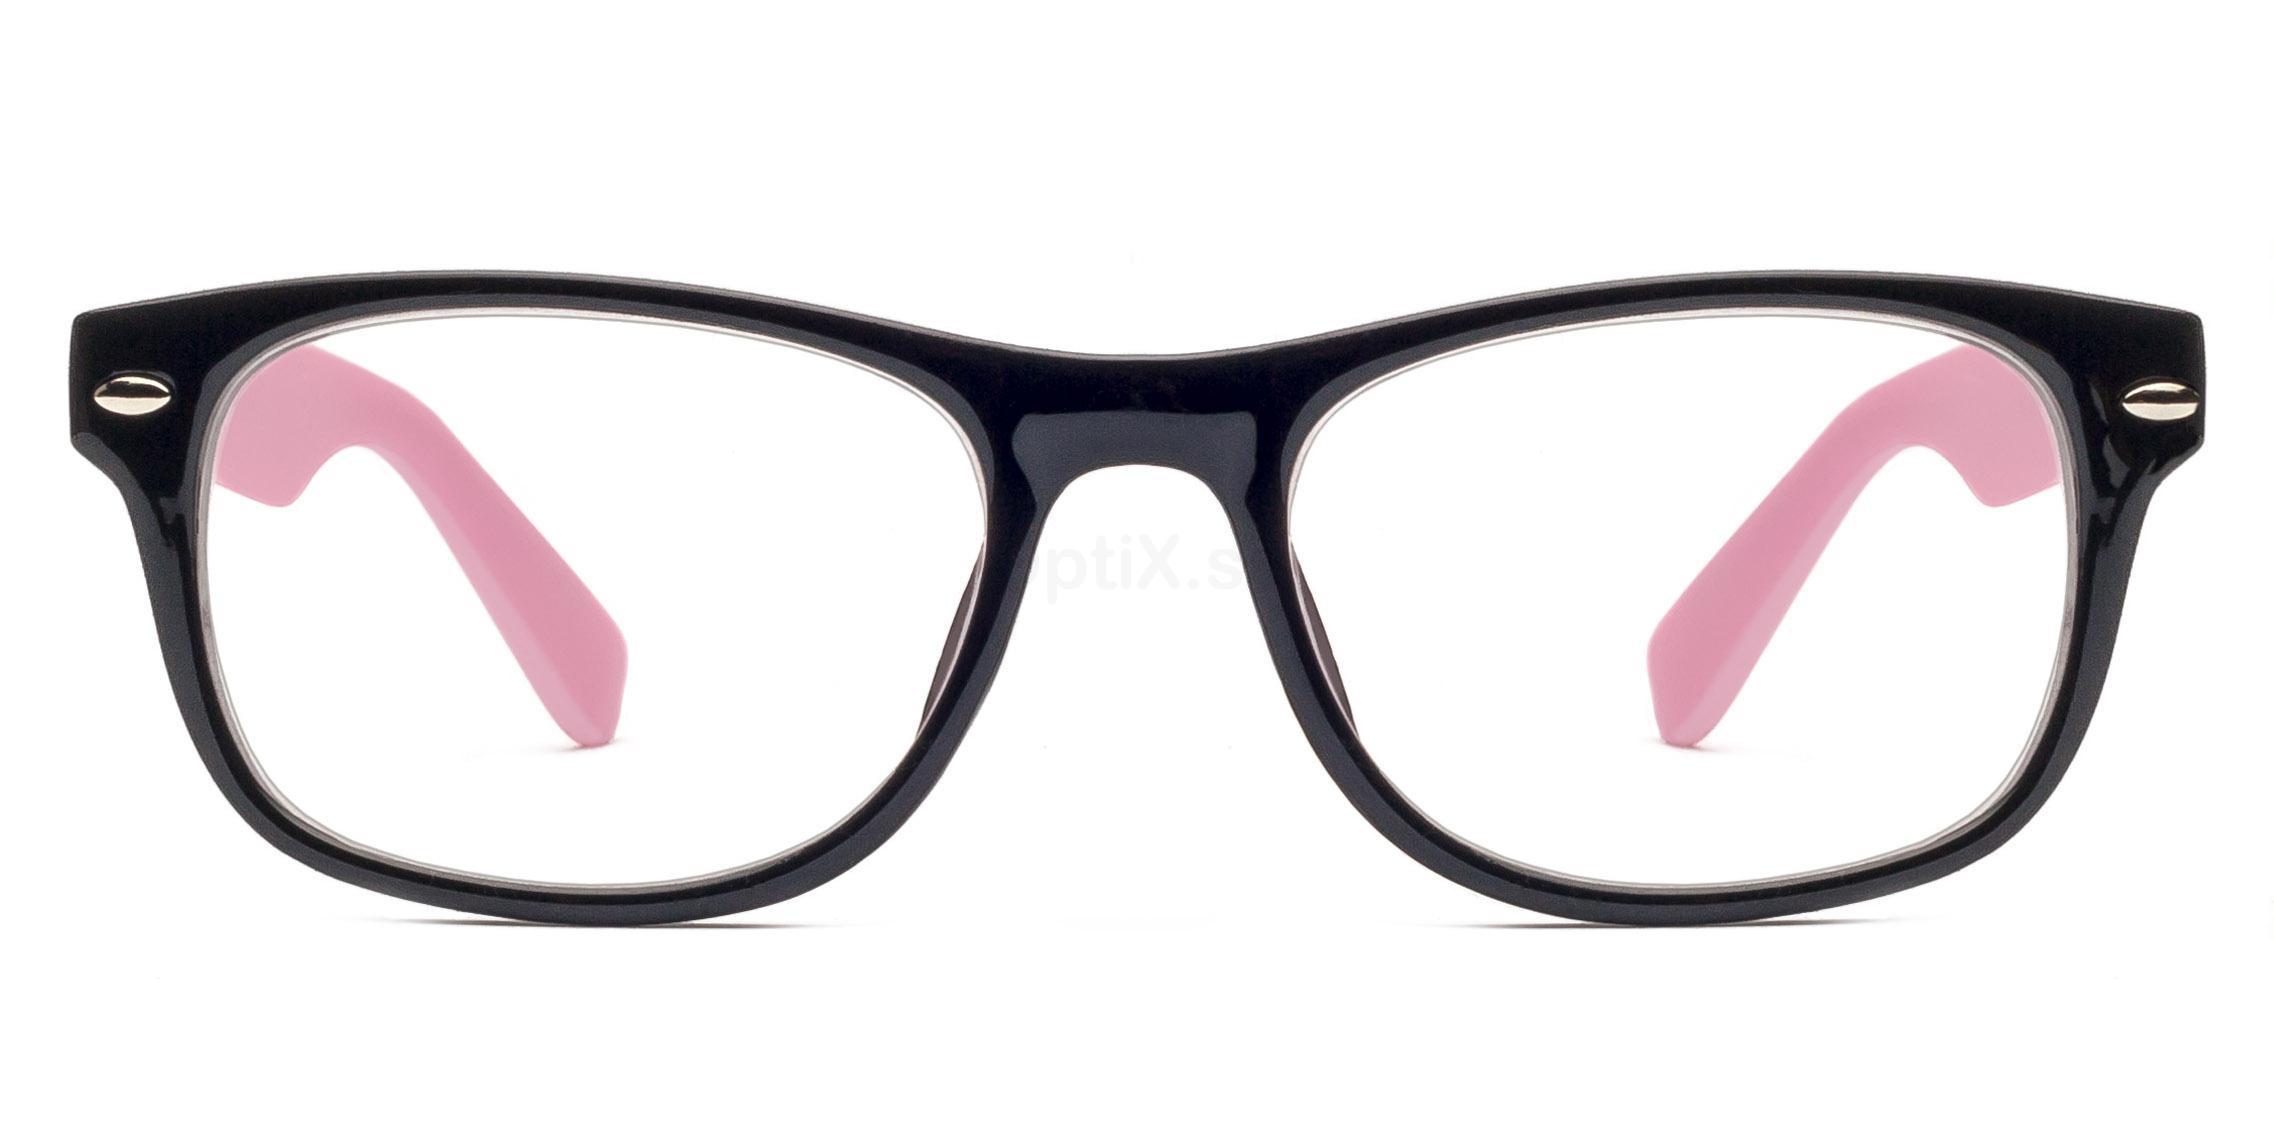 C86 P2383 - Black and Pink Glasses, Savannah